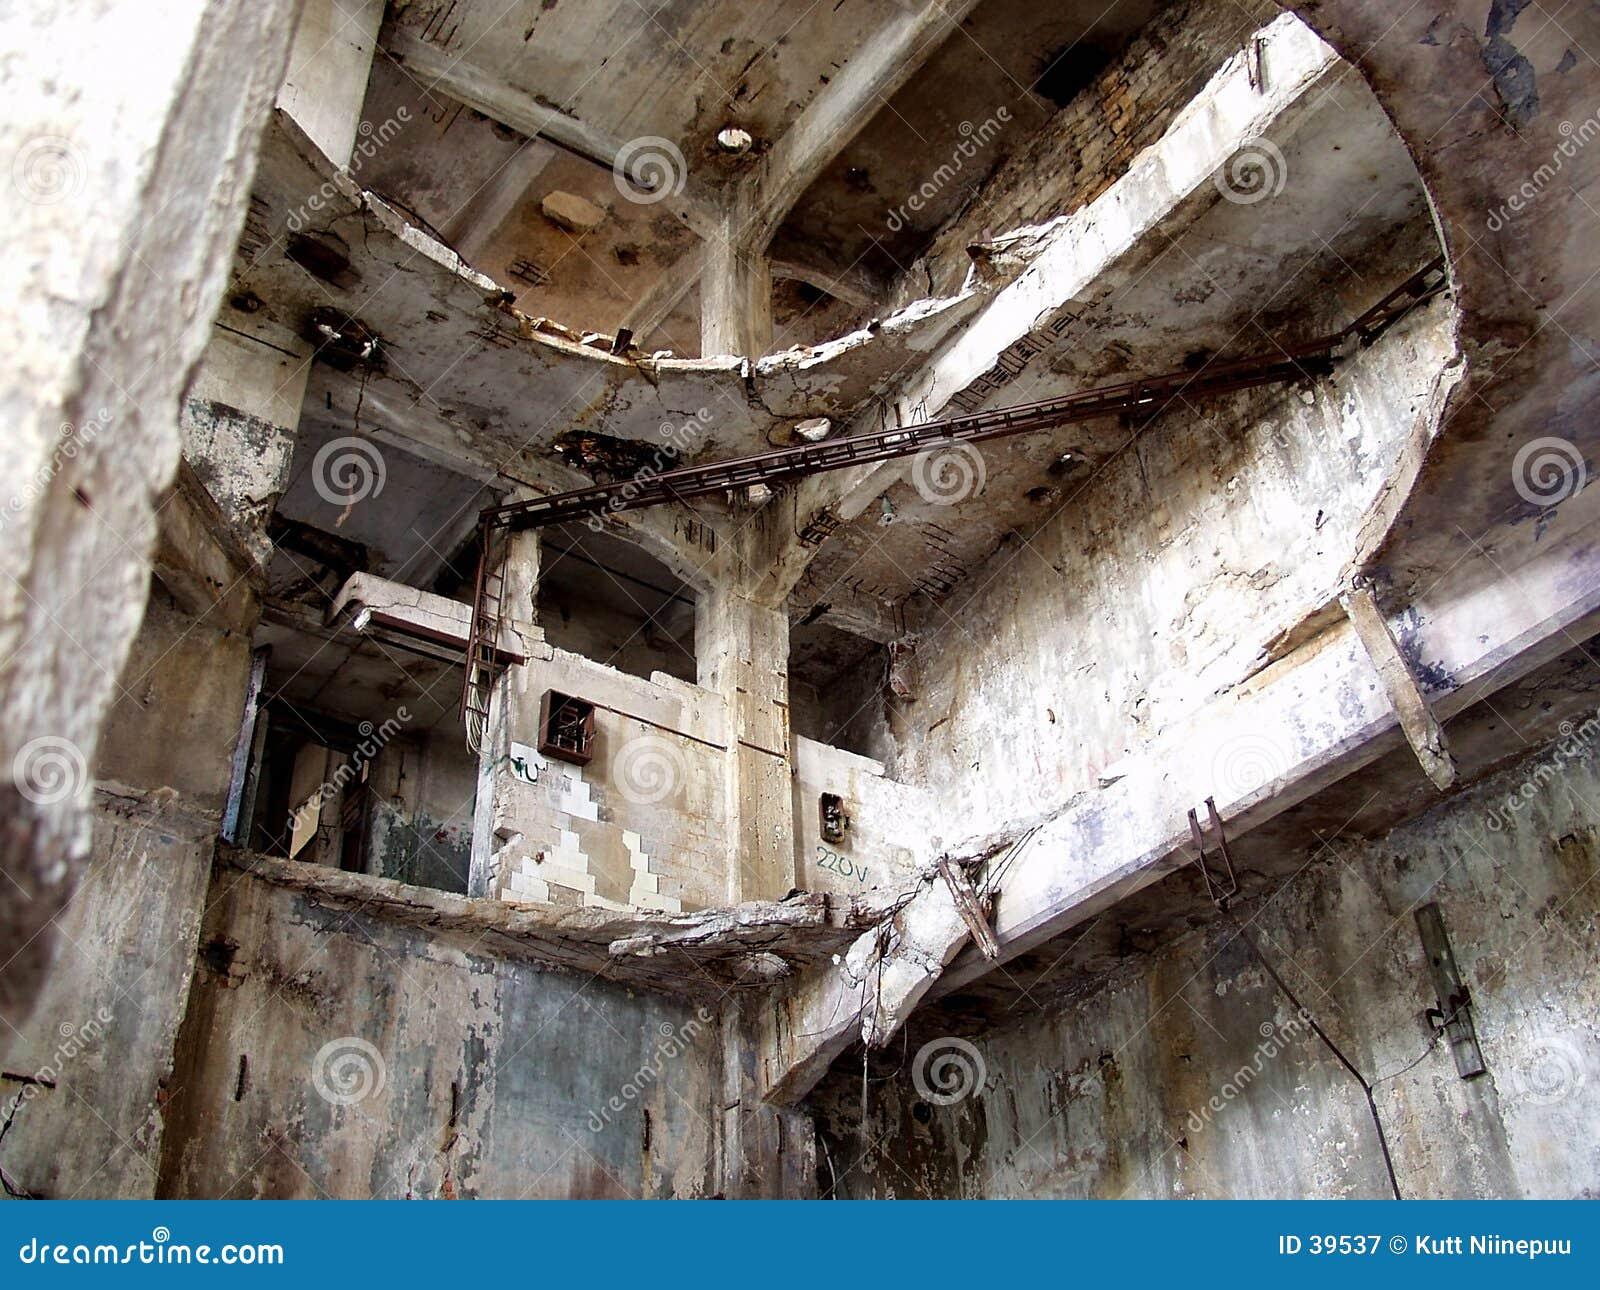 Download 5 industriales idos imagen de archivo. Imagen de devastado - 39537